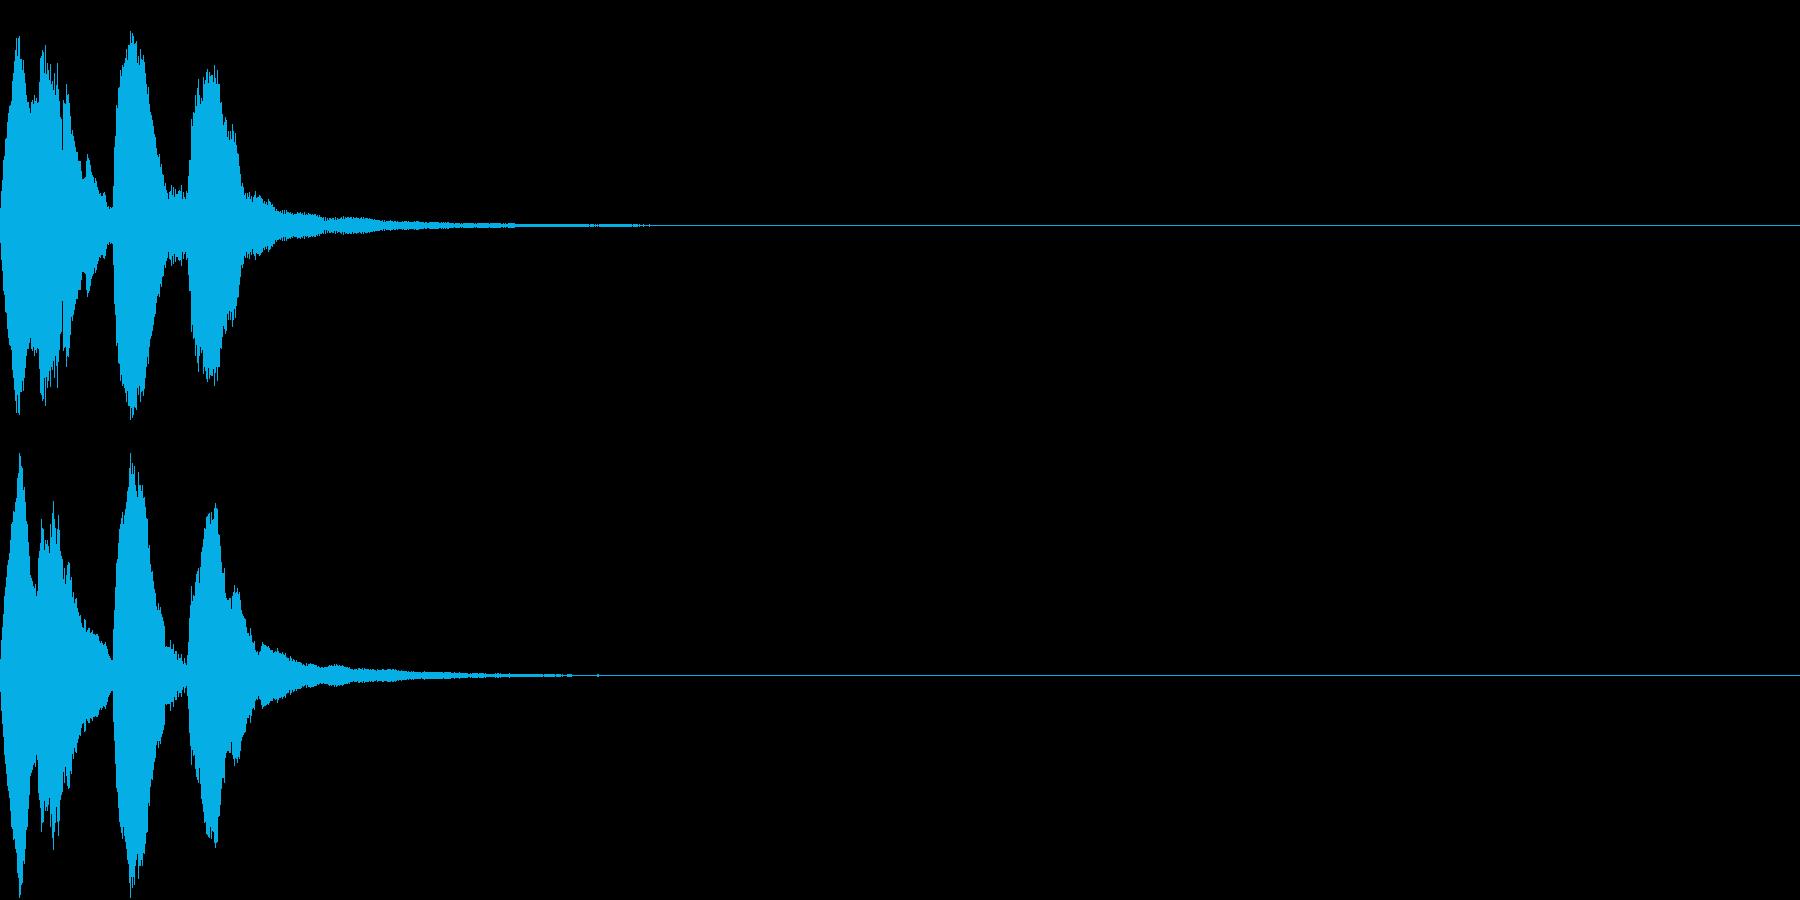 レベルアップ アイテム ヒット 3の再生済みの波形